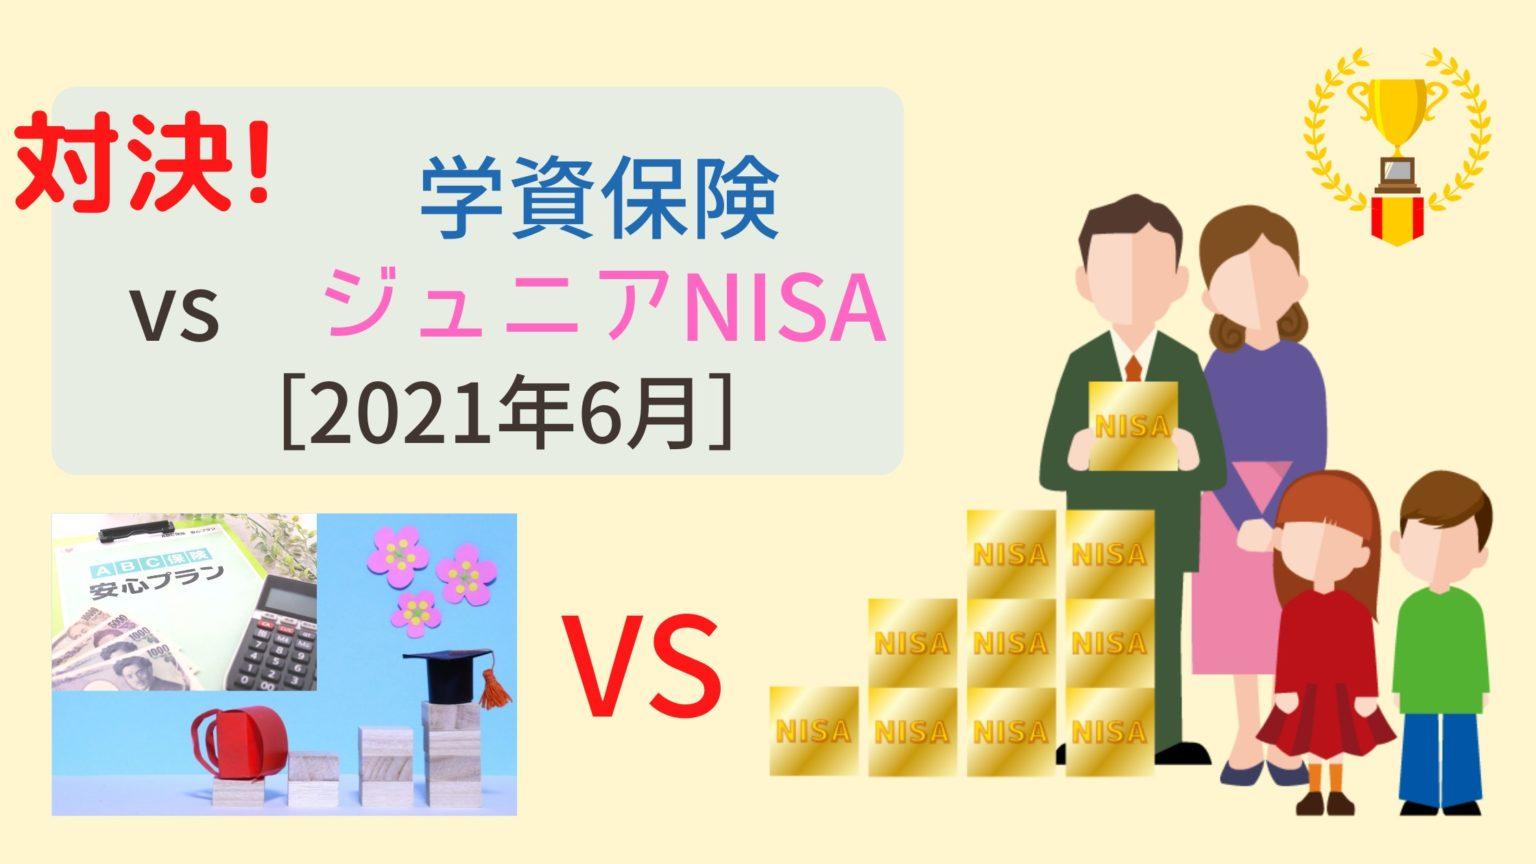 ジュニアNISA 運用成績 2021年6月 公開 対決 学資保険